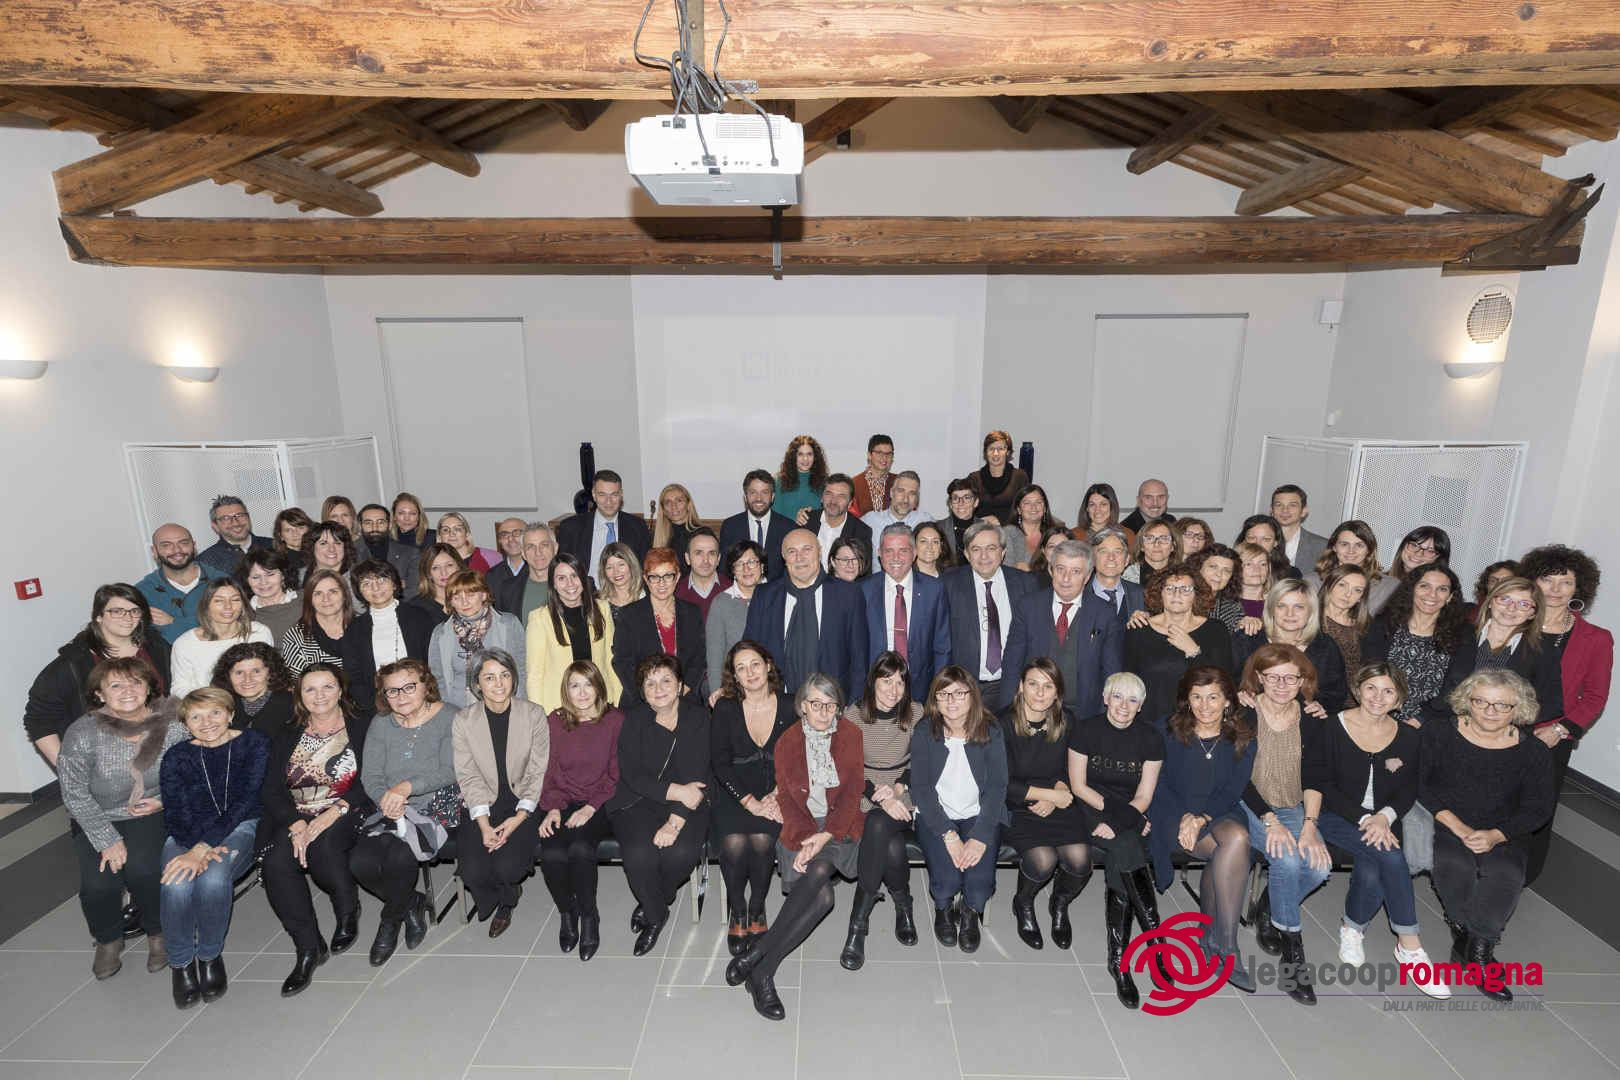 «Federcoop Romagna è proiettata nel futuro»